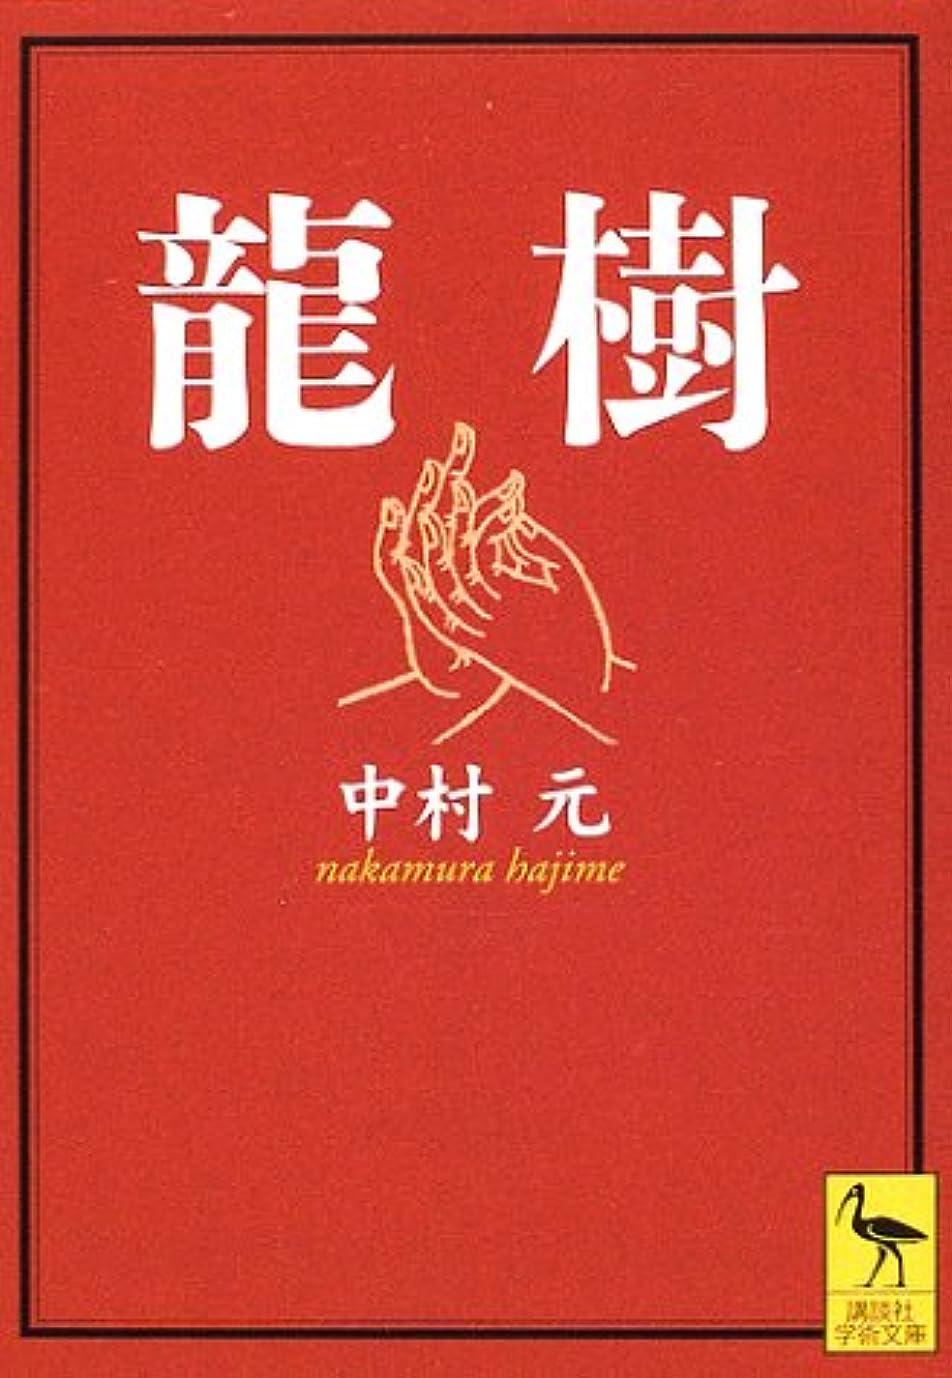 リネン消える繁栄する龍樹 (講談社学術文庫)